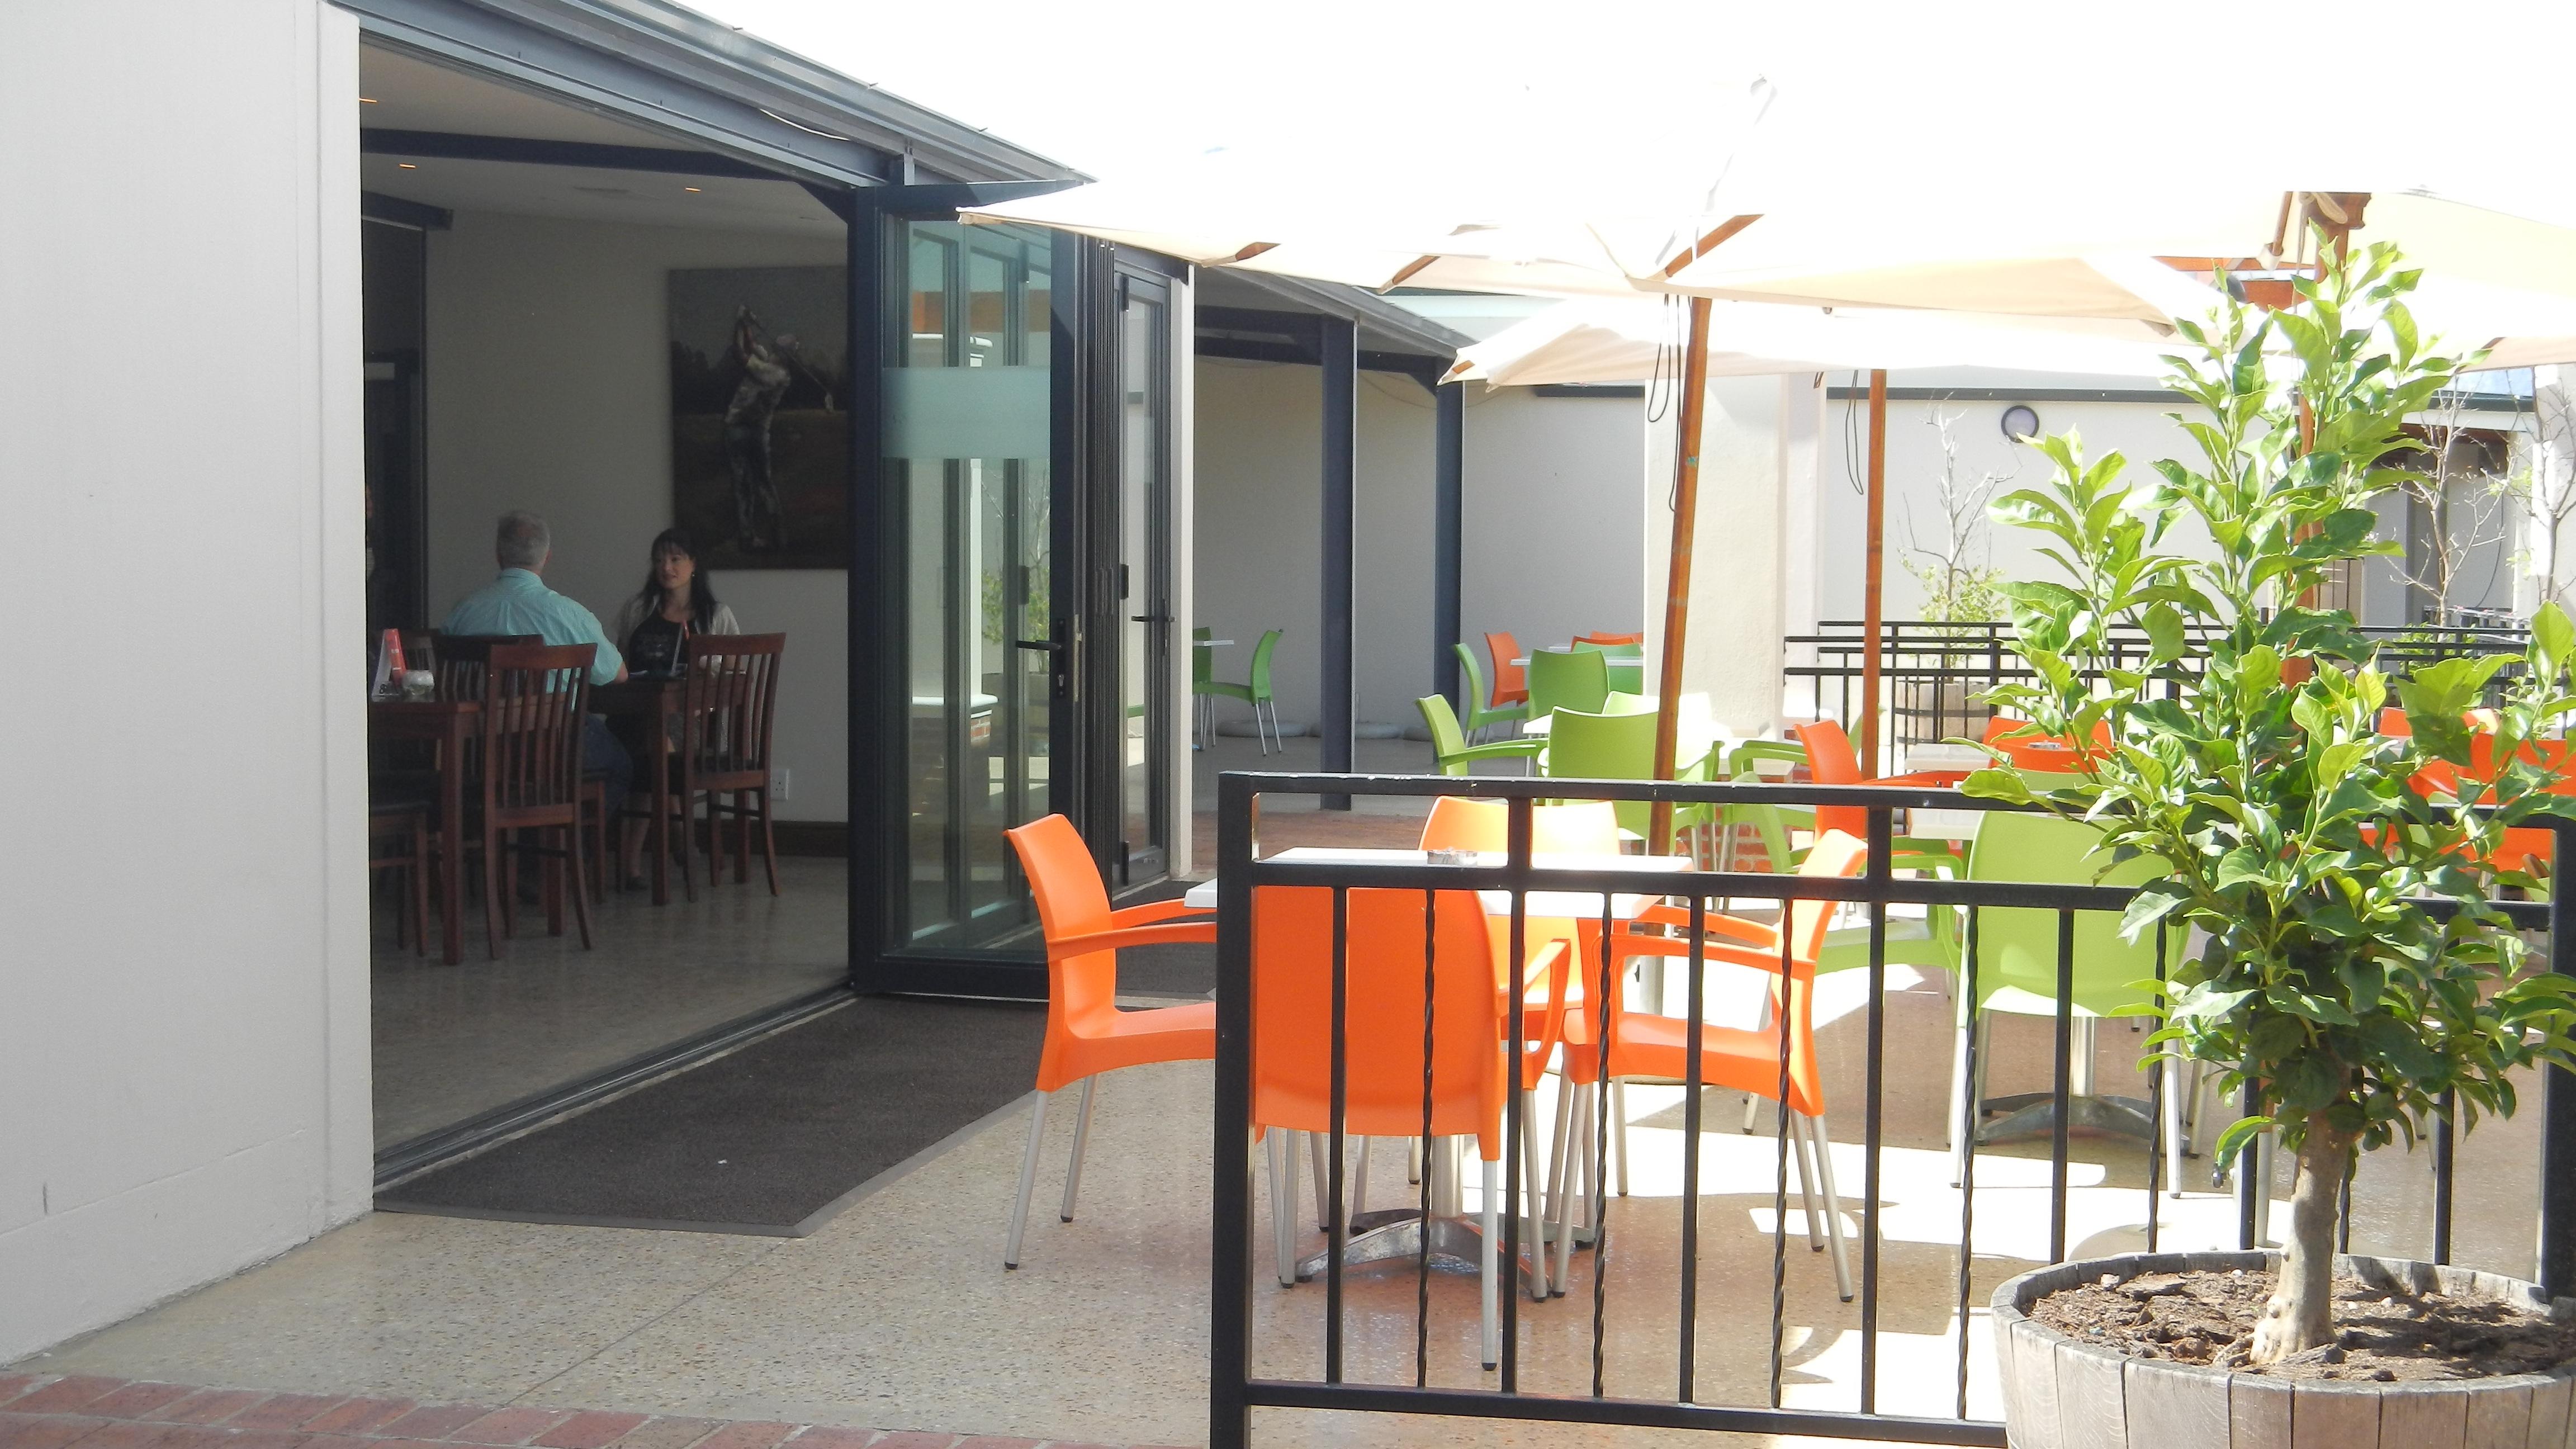 De La Paix Restaurant & Venue - Klapmuts - Kwali Mark Construction